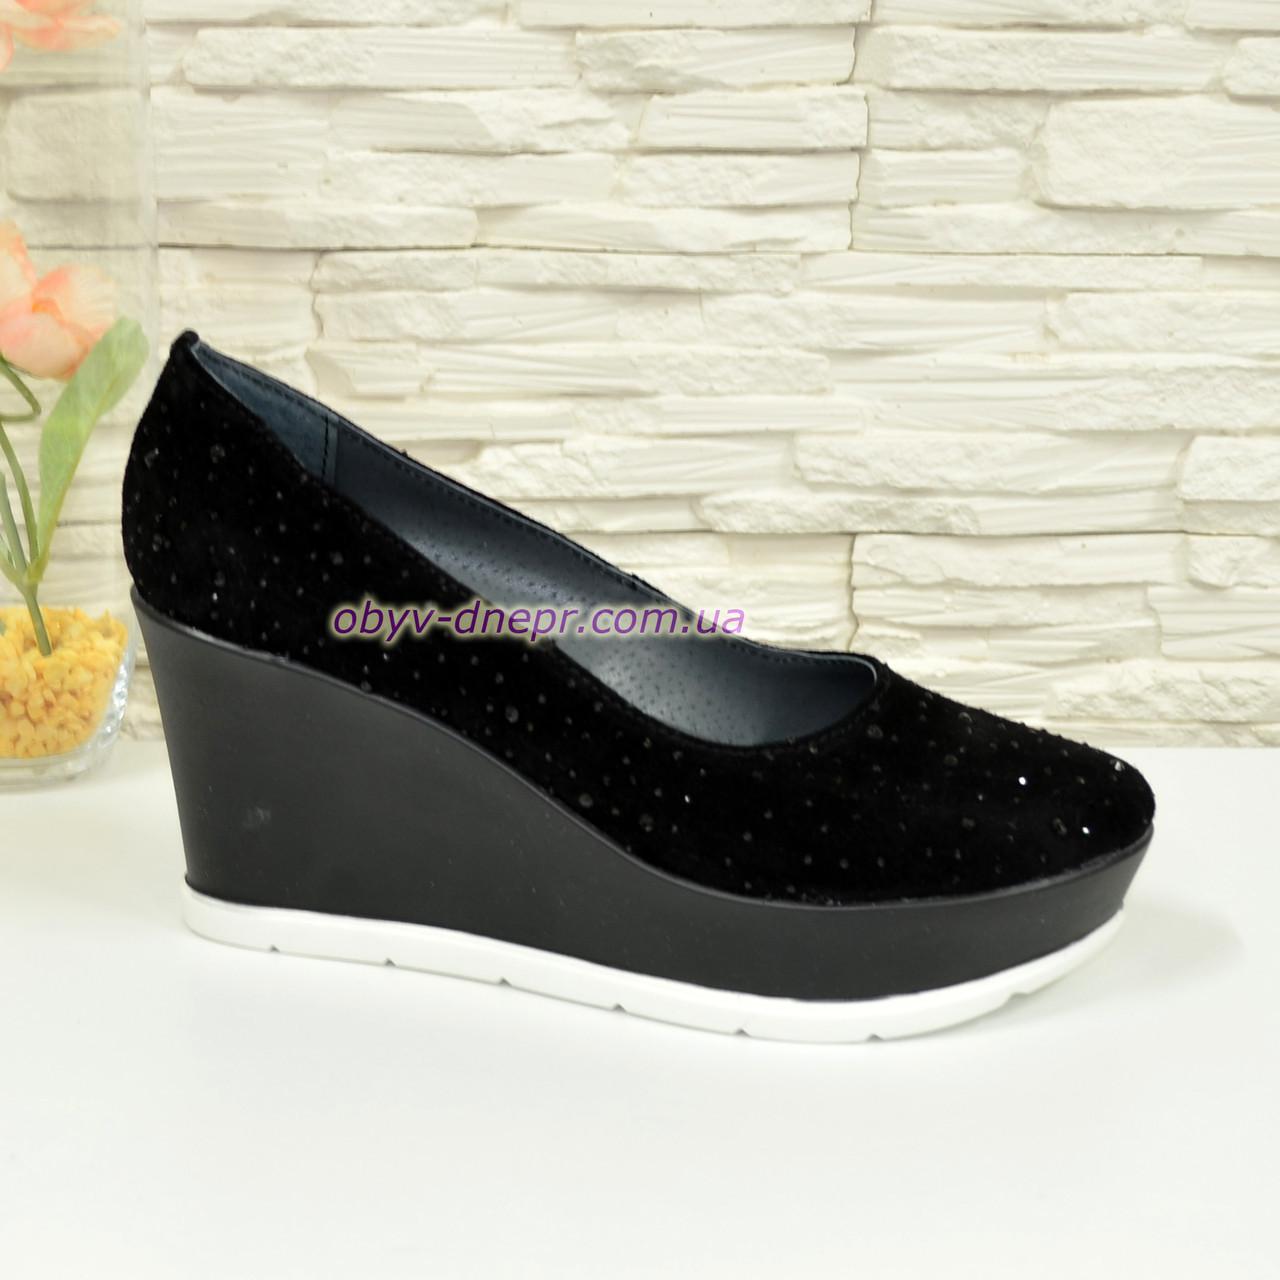 """Туфли женские черные замшевые на платформе, декорированы камнями. ТМ """"Maestro"""""""